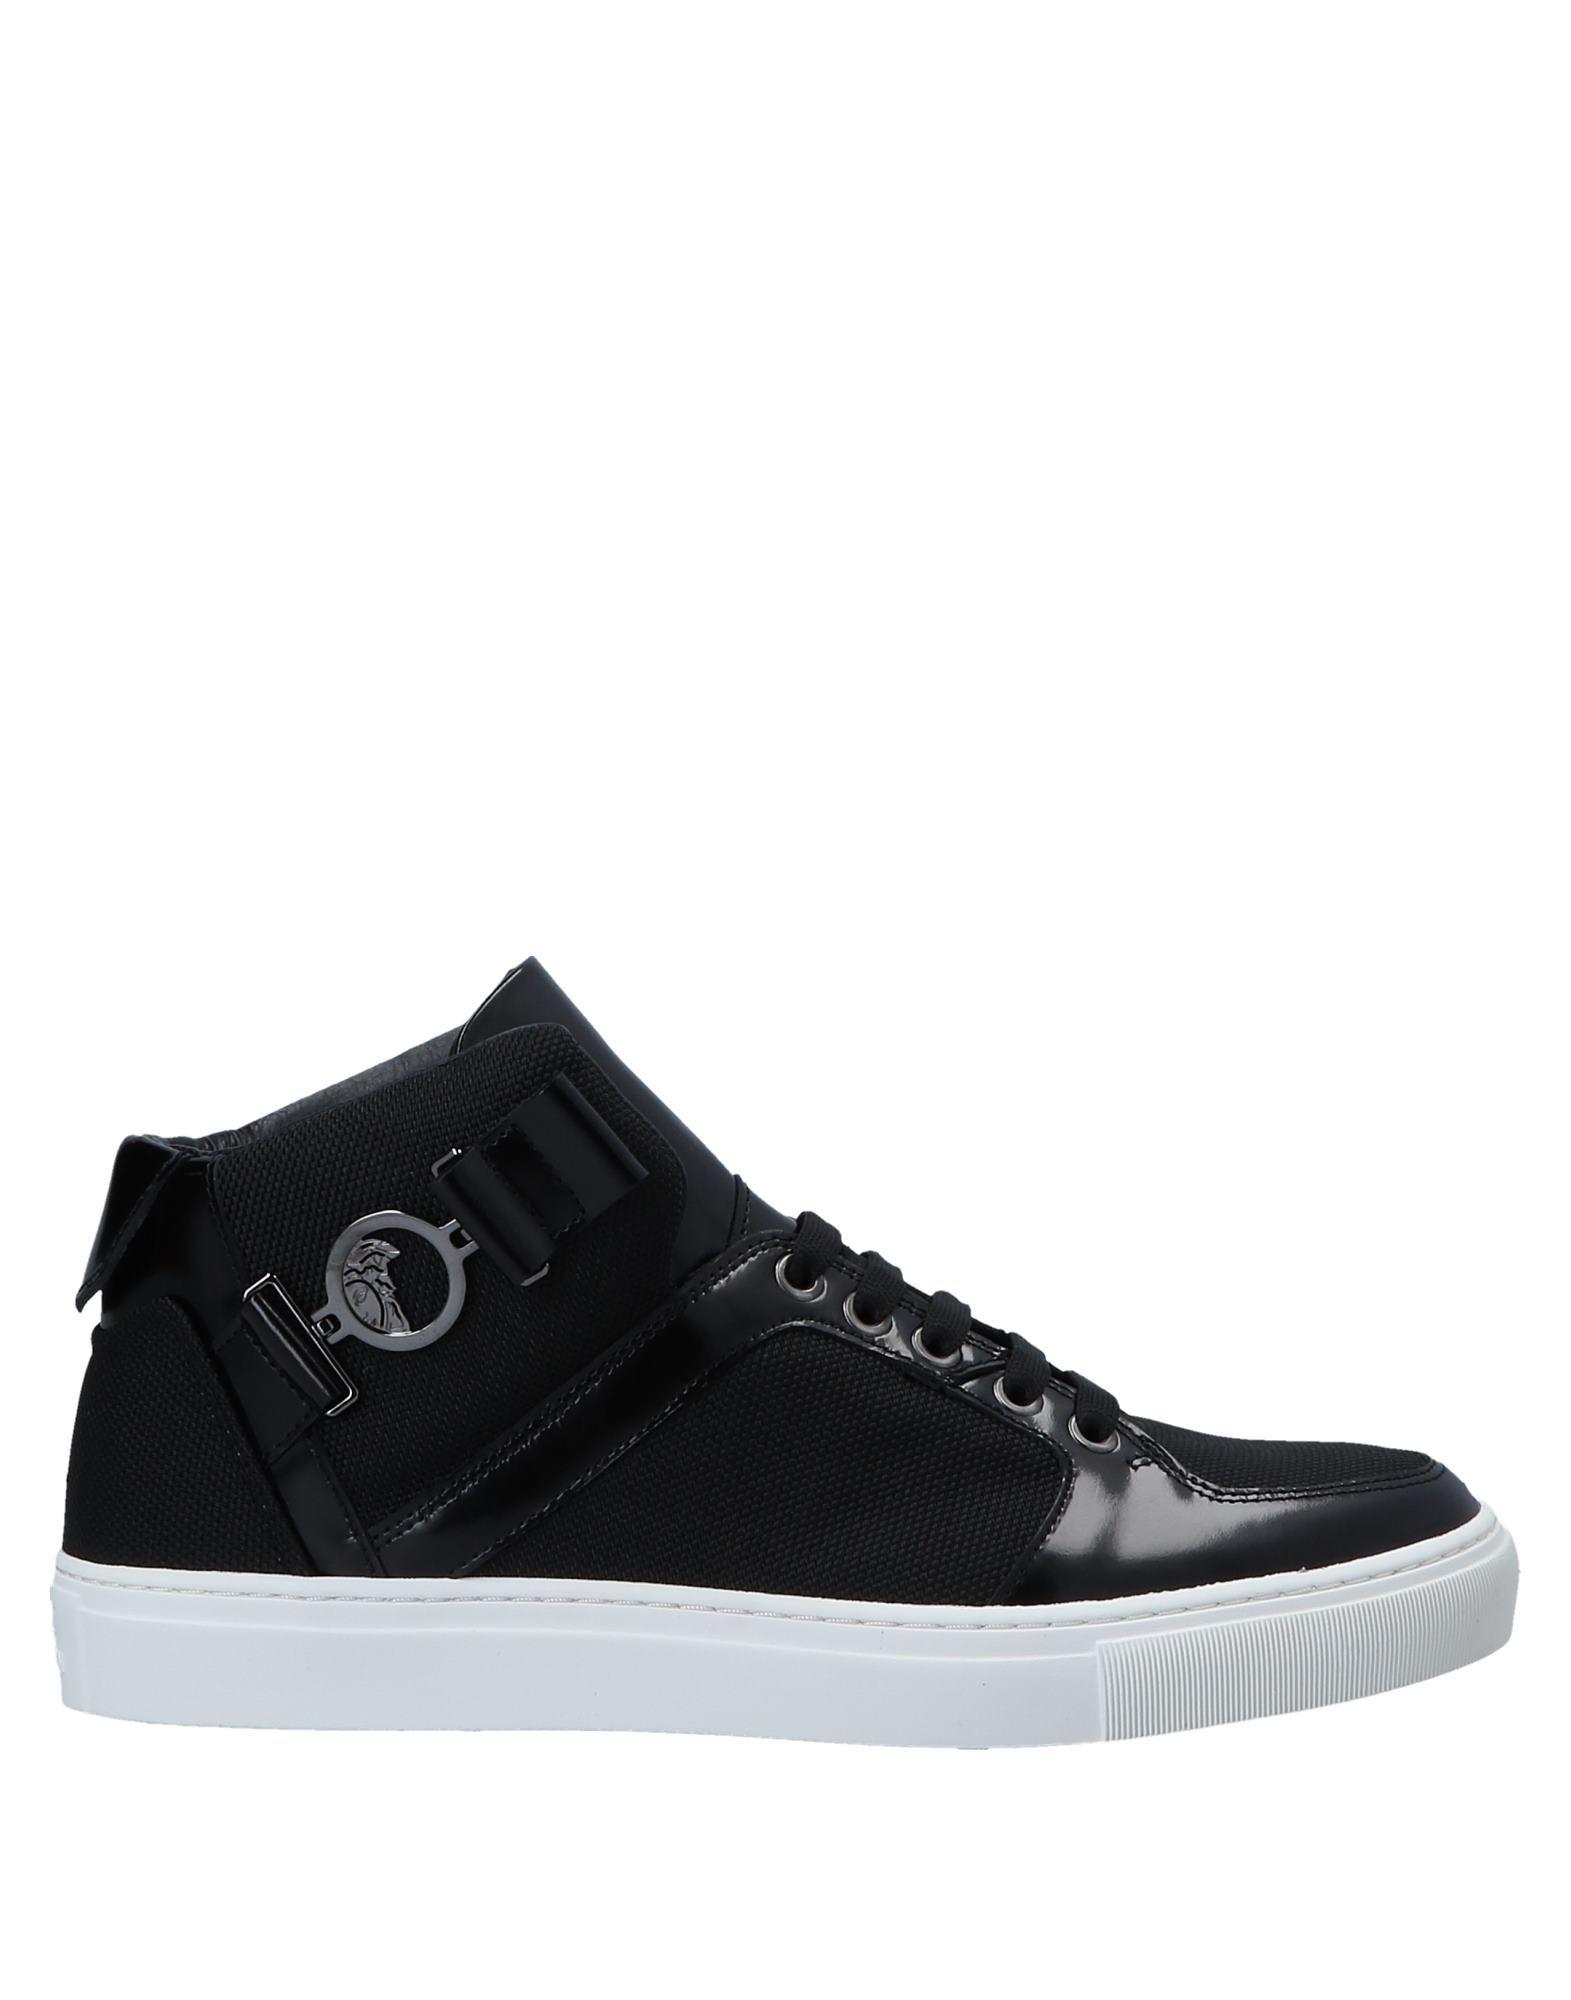 Versace Collection Sneakers Herren  11555221QR Gute Qualität beliebte Schuhe